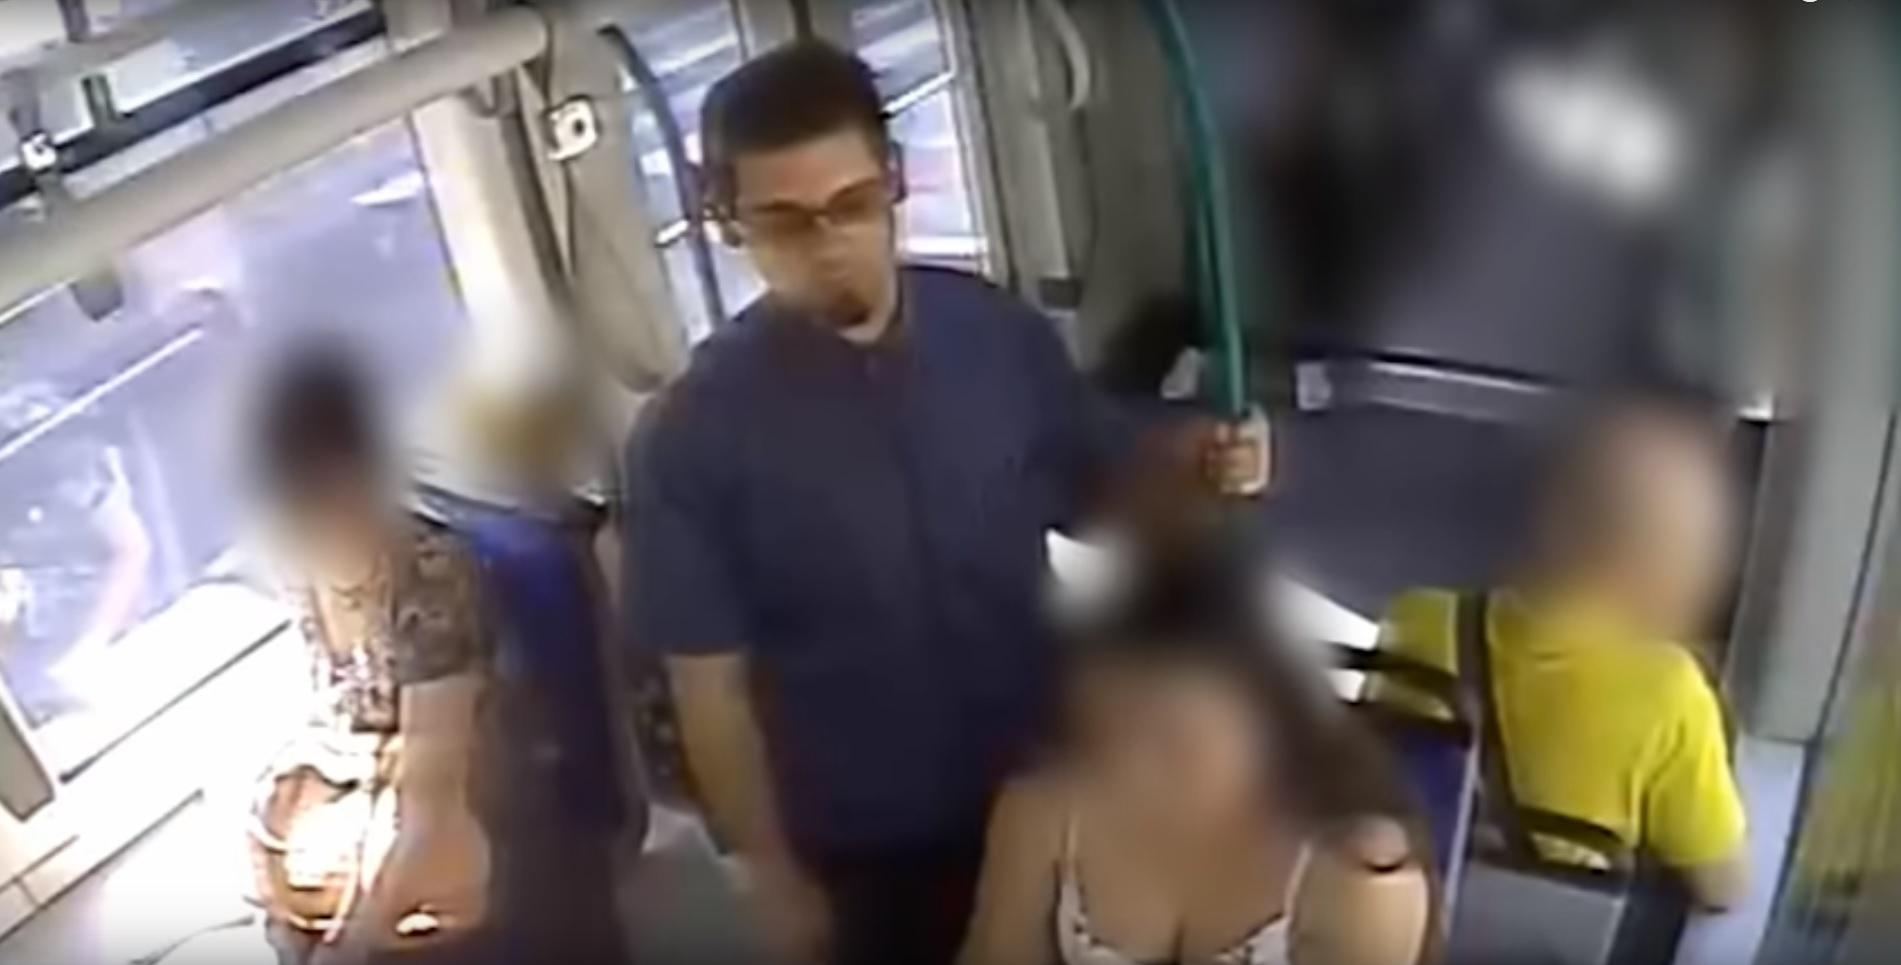 Egy szemüveges férfi a farkát lógatta a 4-es, 6-os villamoson egy nő mellett